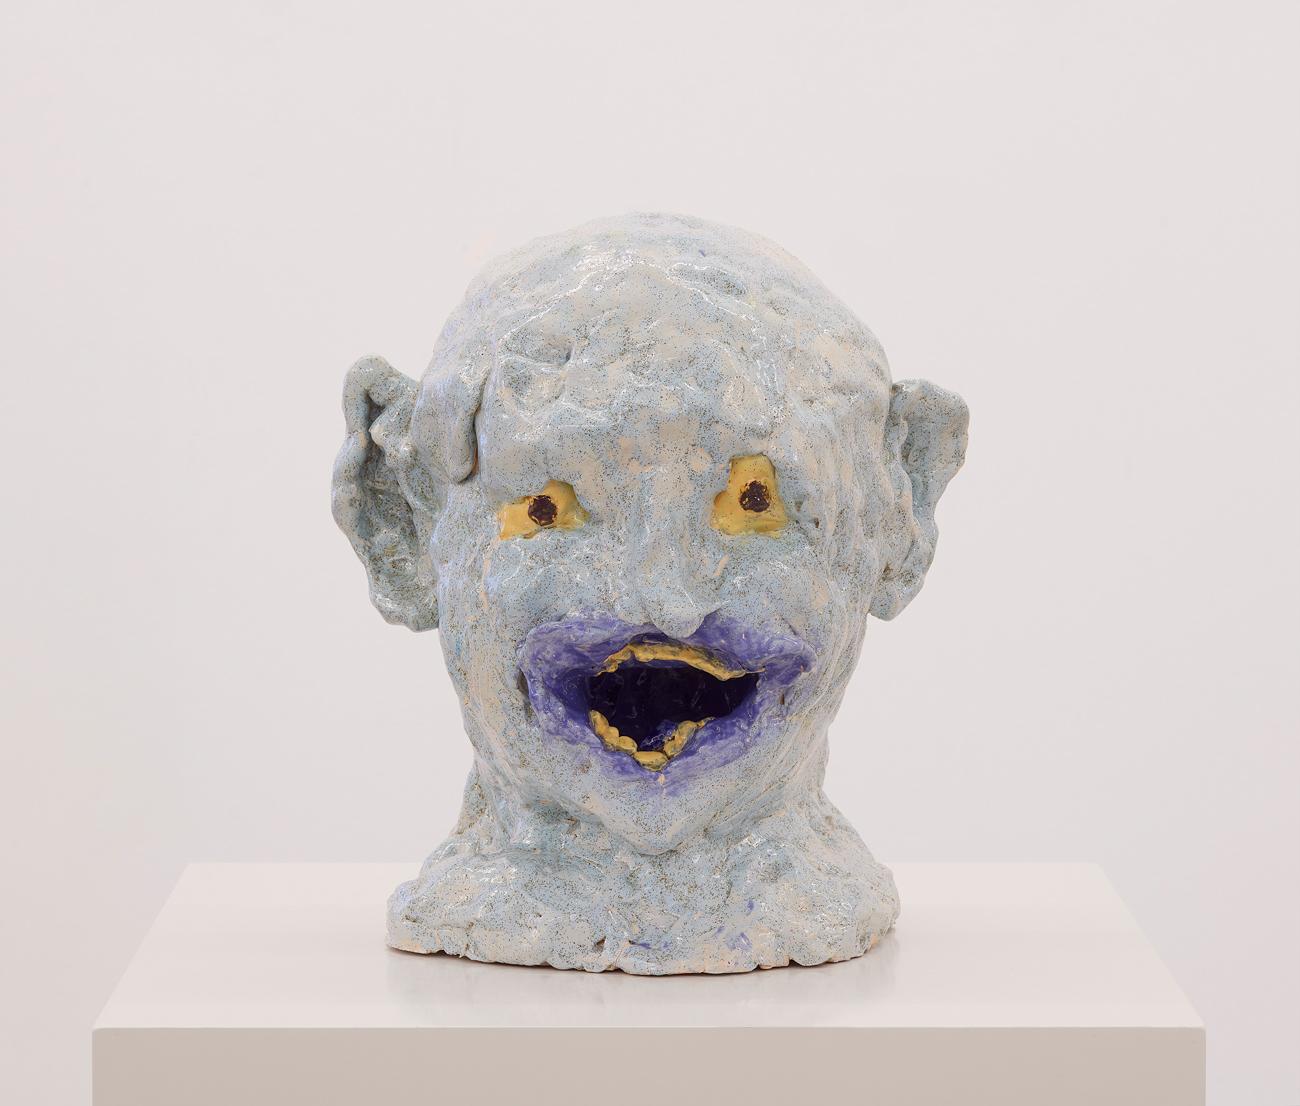 Janes Haid-Schmallenberg, 2019, Büste (hellbalu, panisch), Galsierte Keramik, 33 x 28 x 24 cm